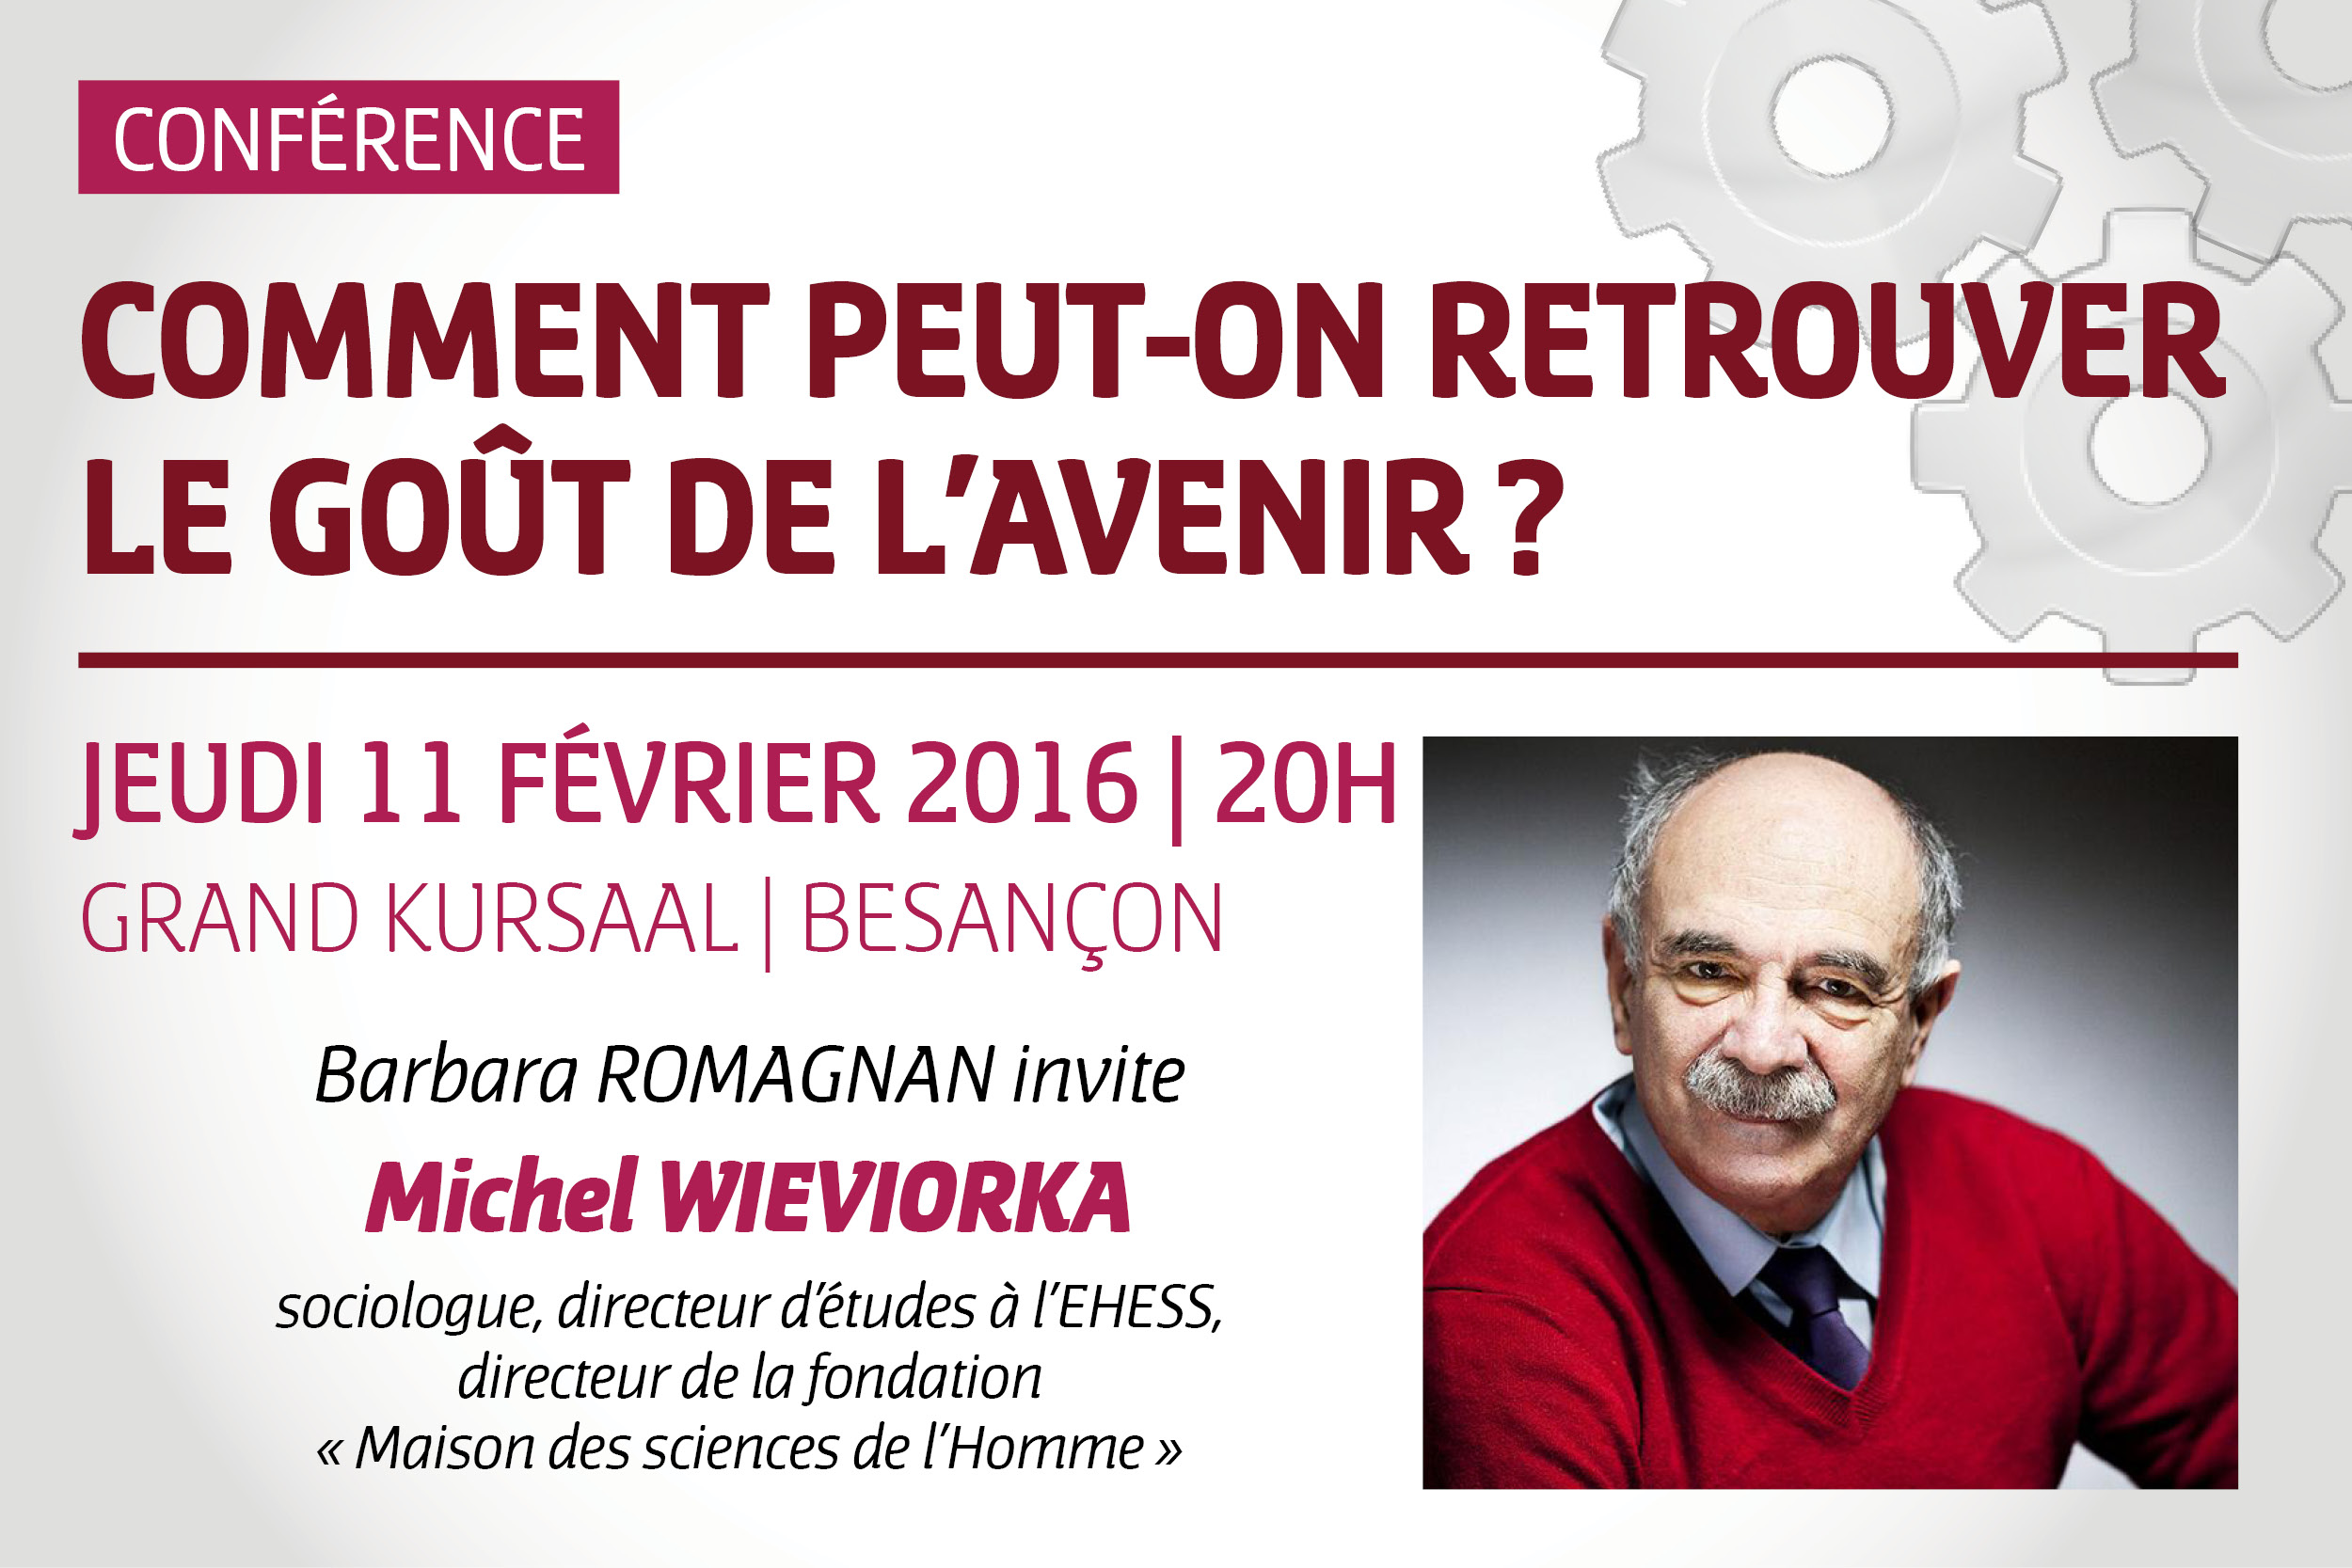 Conférence De Michel Wieviorka : Comment Peut-on Retrouver Le Goût De L'avenir ?